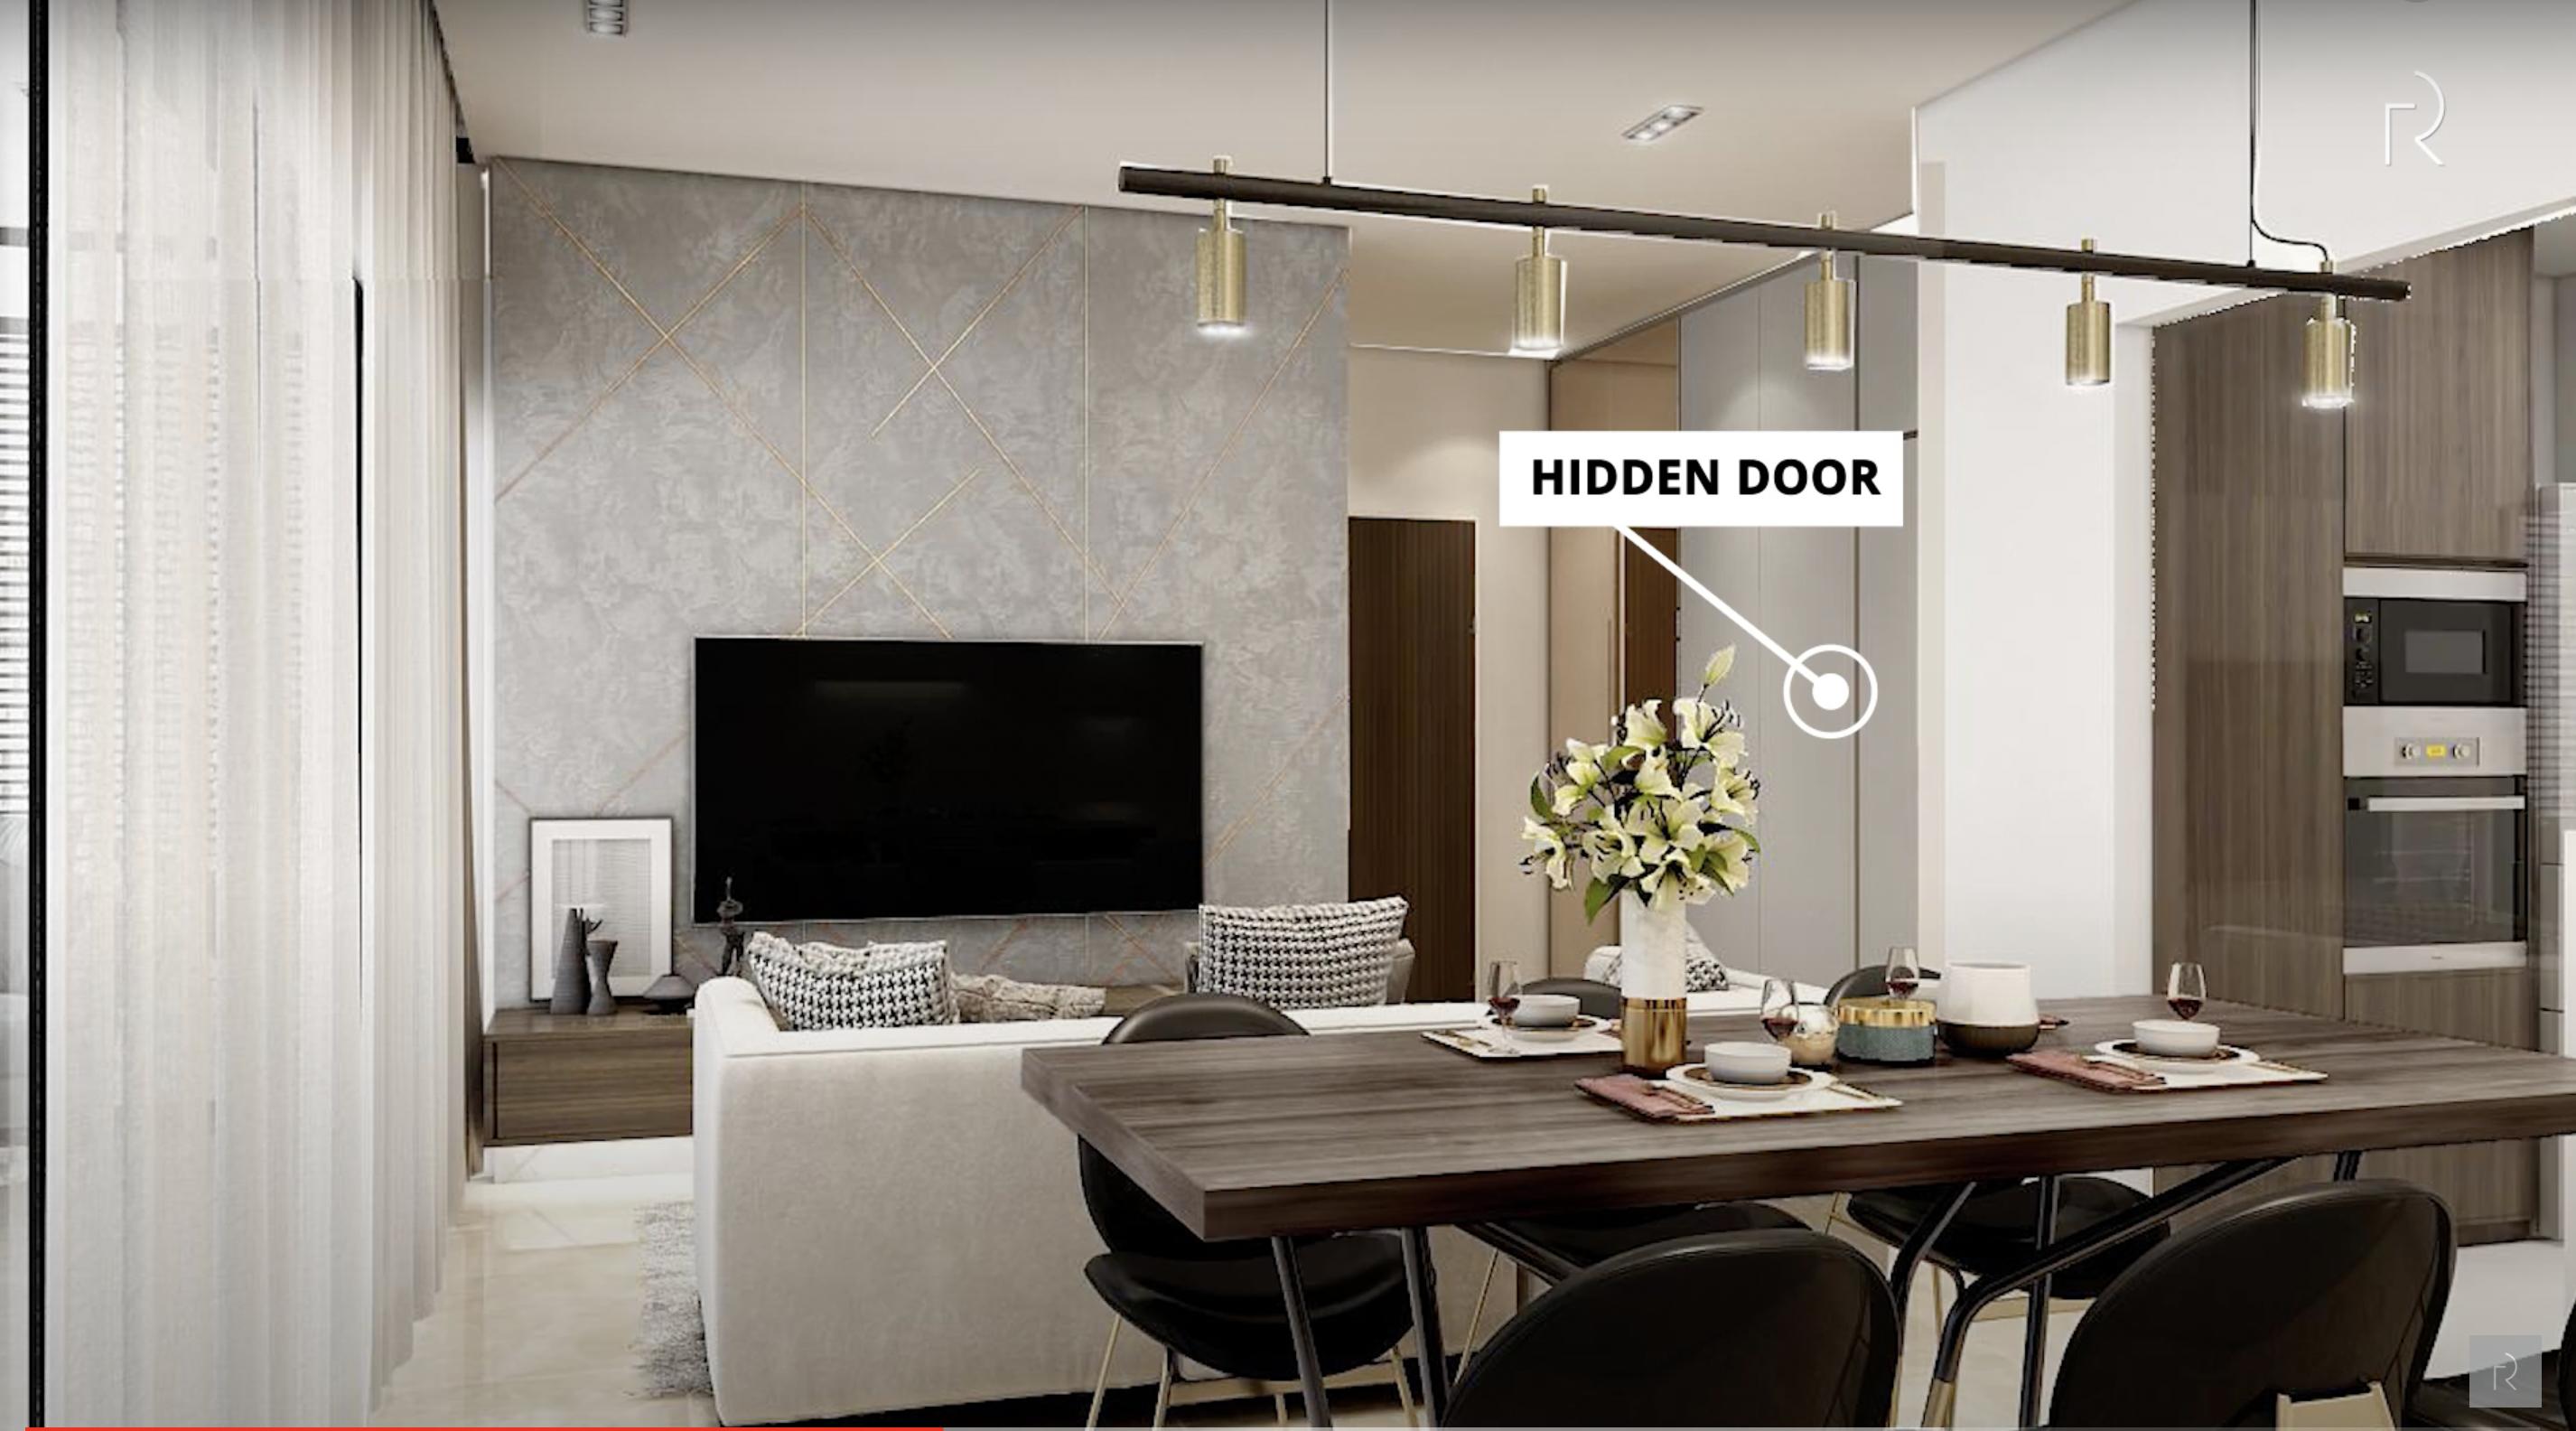 Artra Condominium Interior Design in Singapore